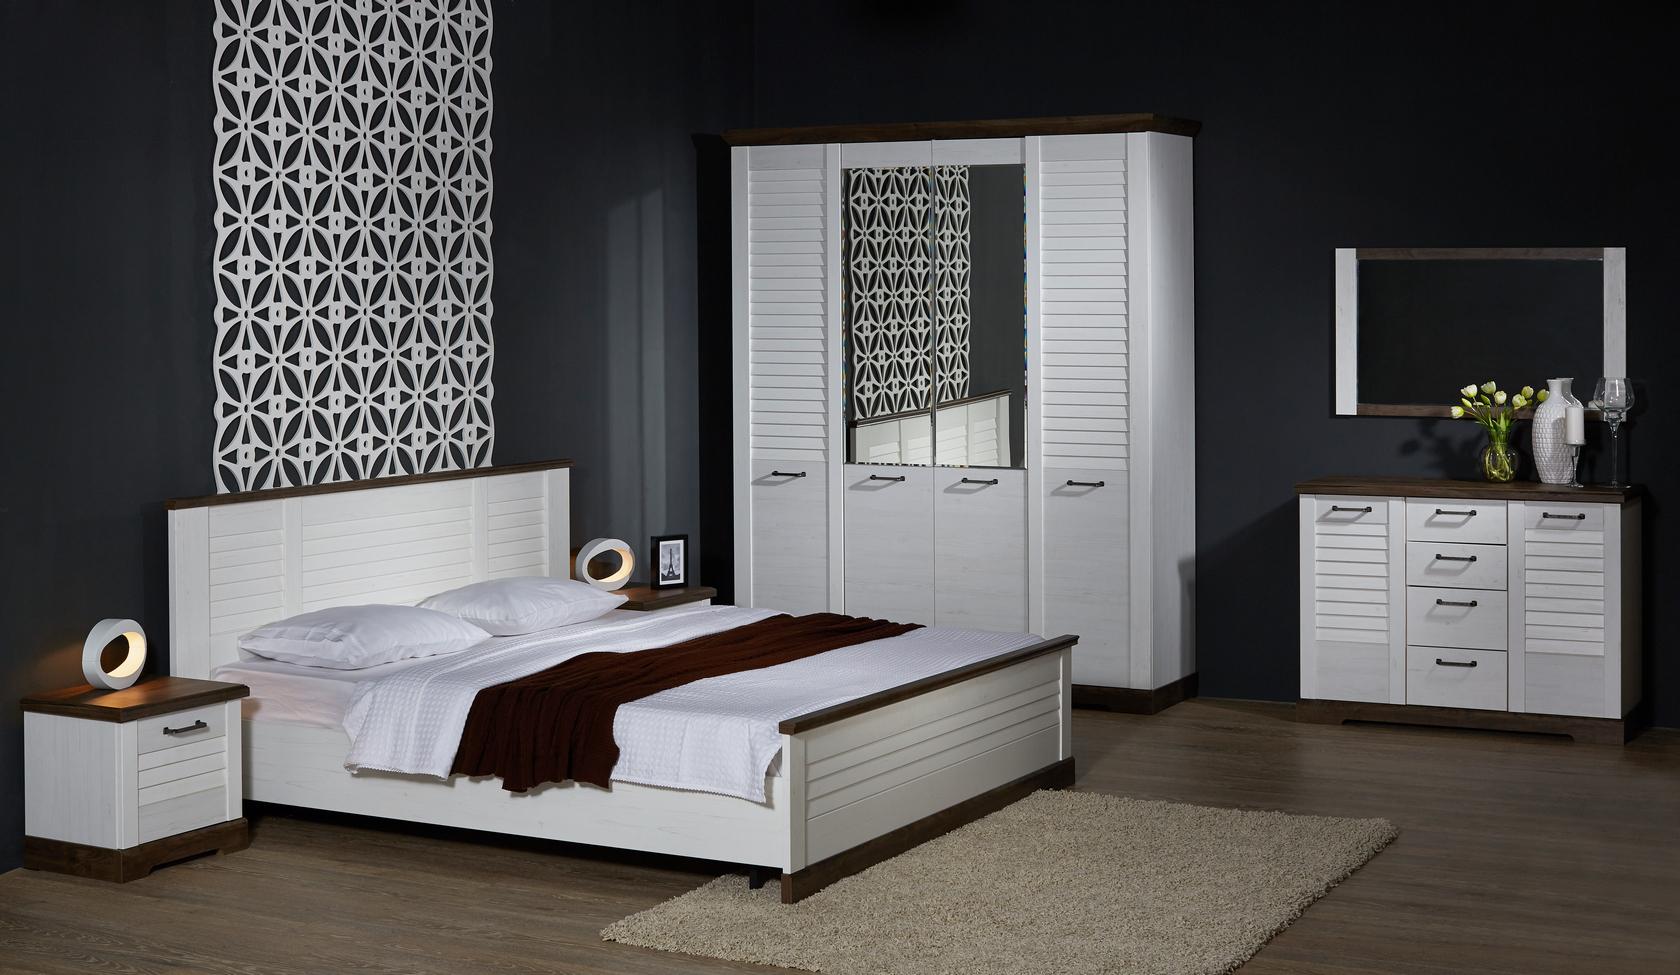 Спальный гарнитур 150-89693